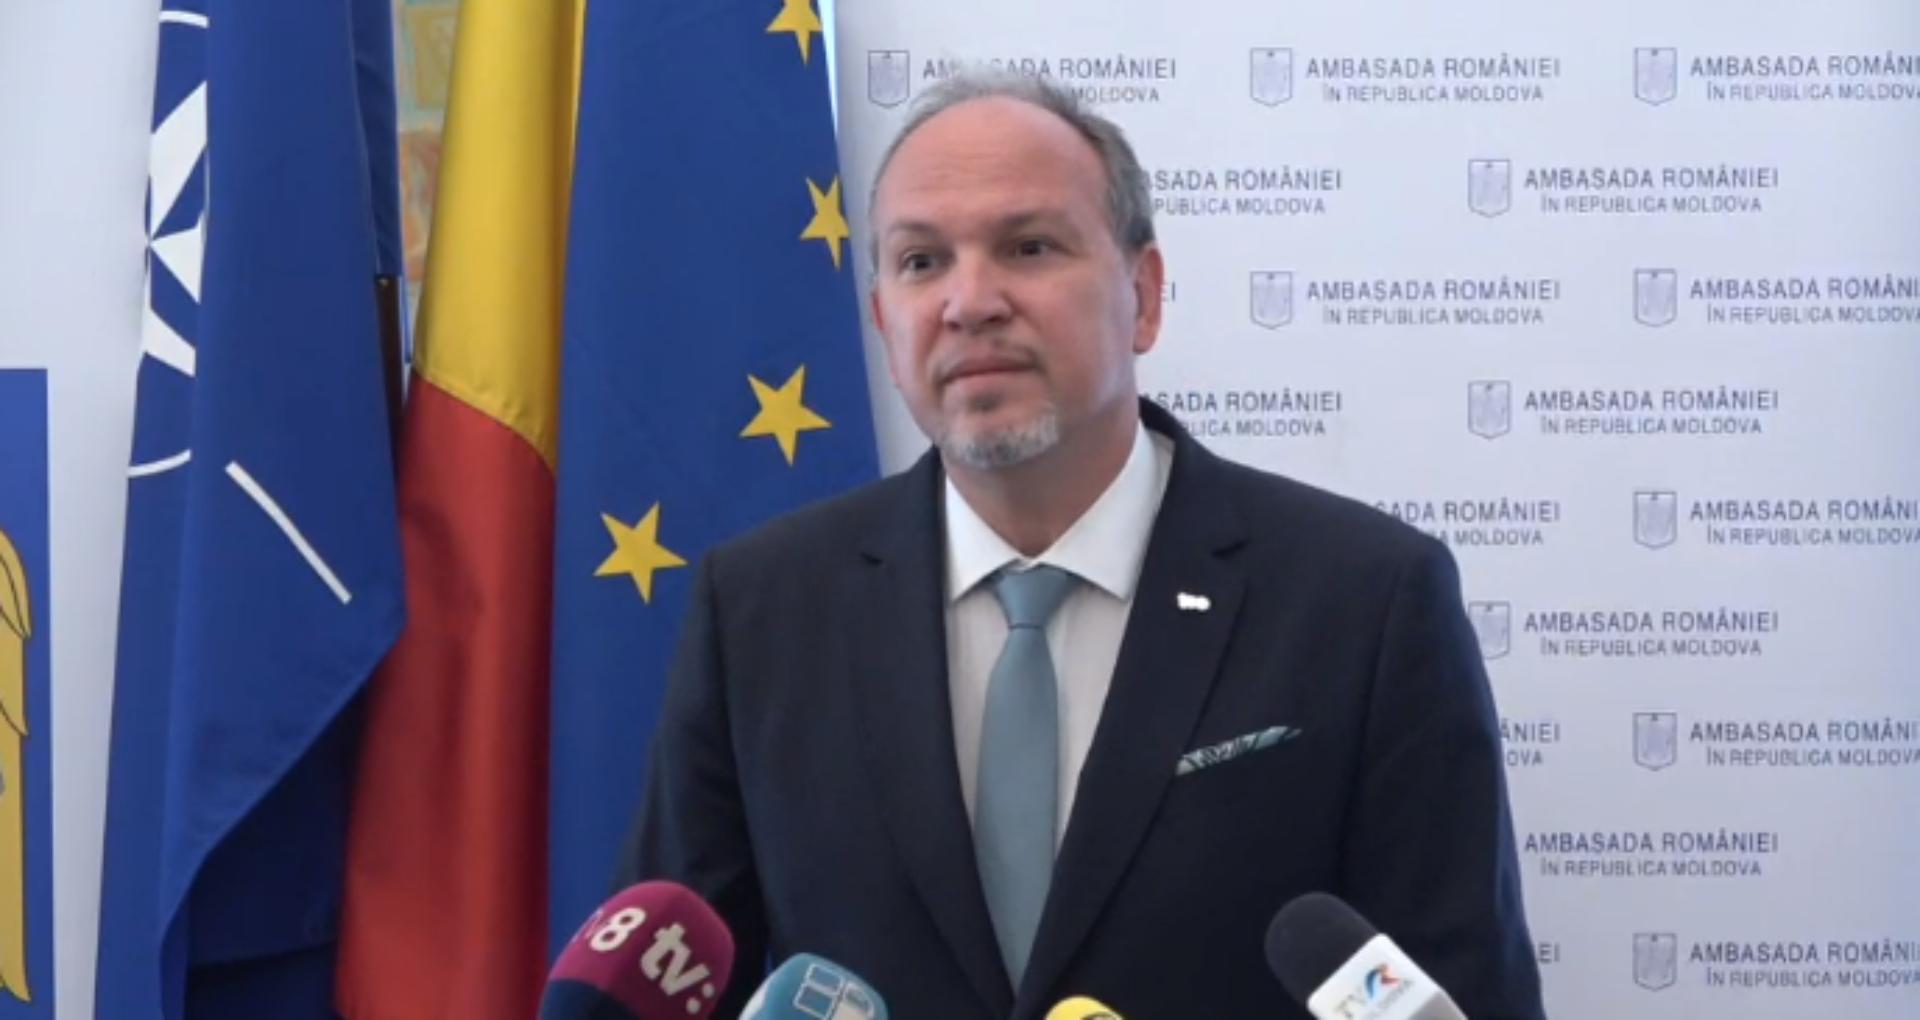 Ambasadorul României la Chișinău, despre declararea lui George Simion drept persoană indizerabilă în R. Moldova